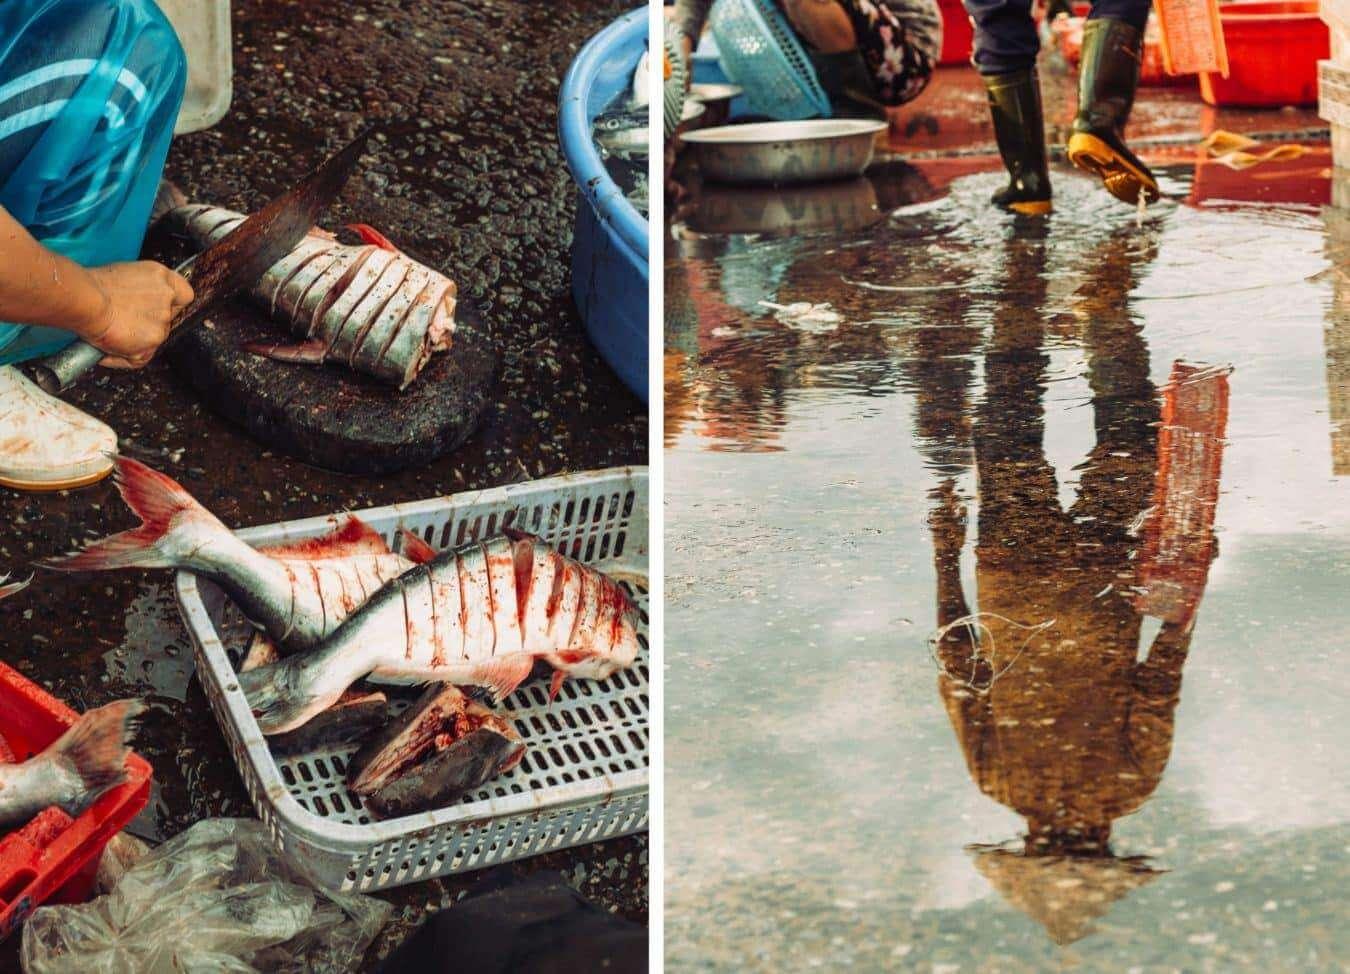 Hoi An Fish Market - Hoi An's markets